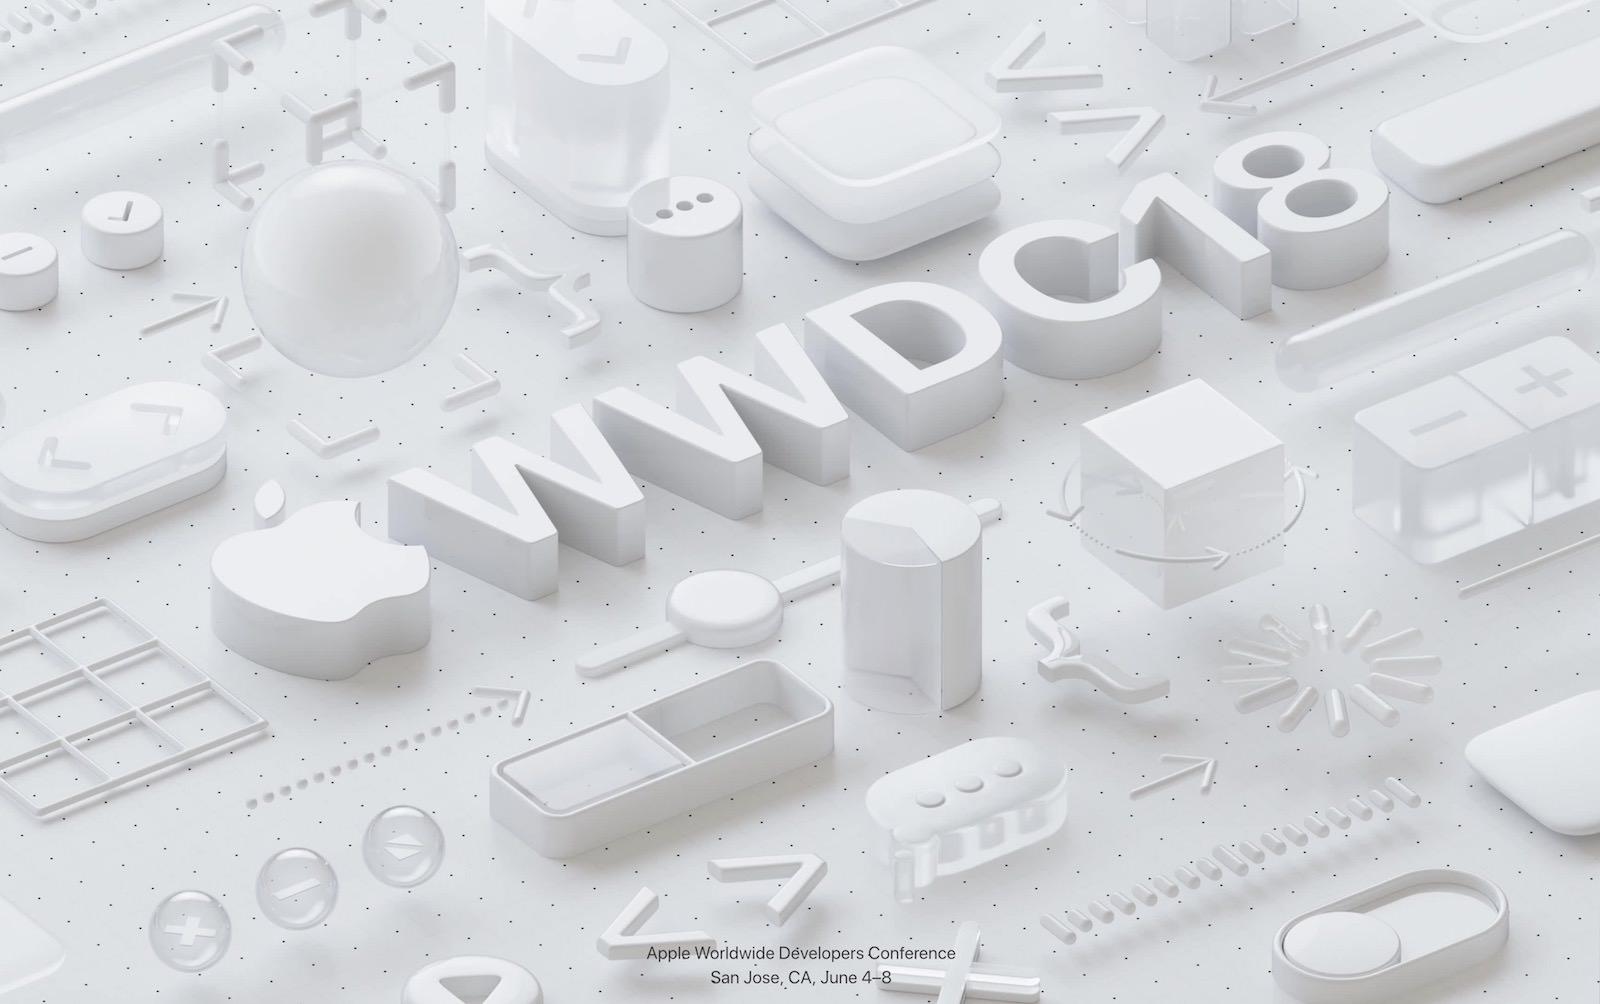 WWDC2018-Official-Release.jpg